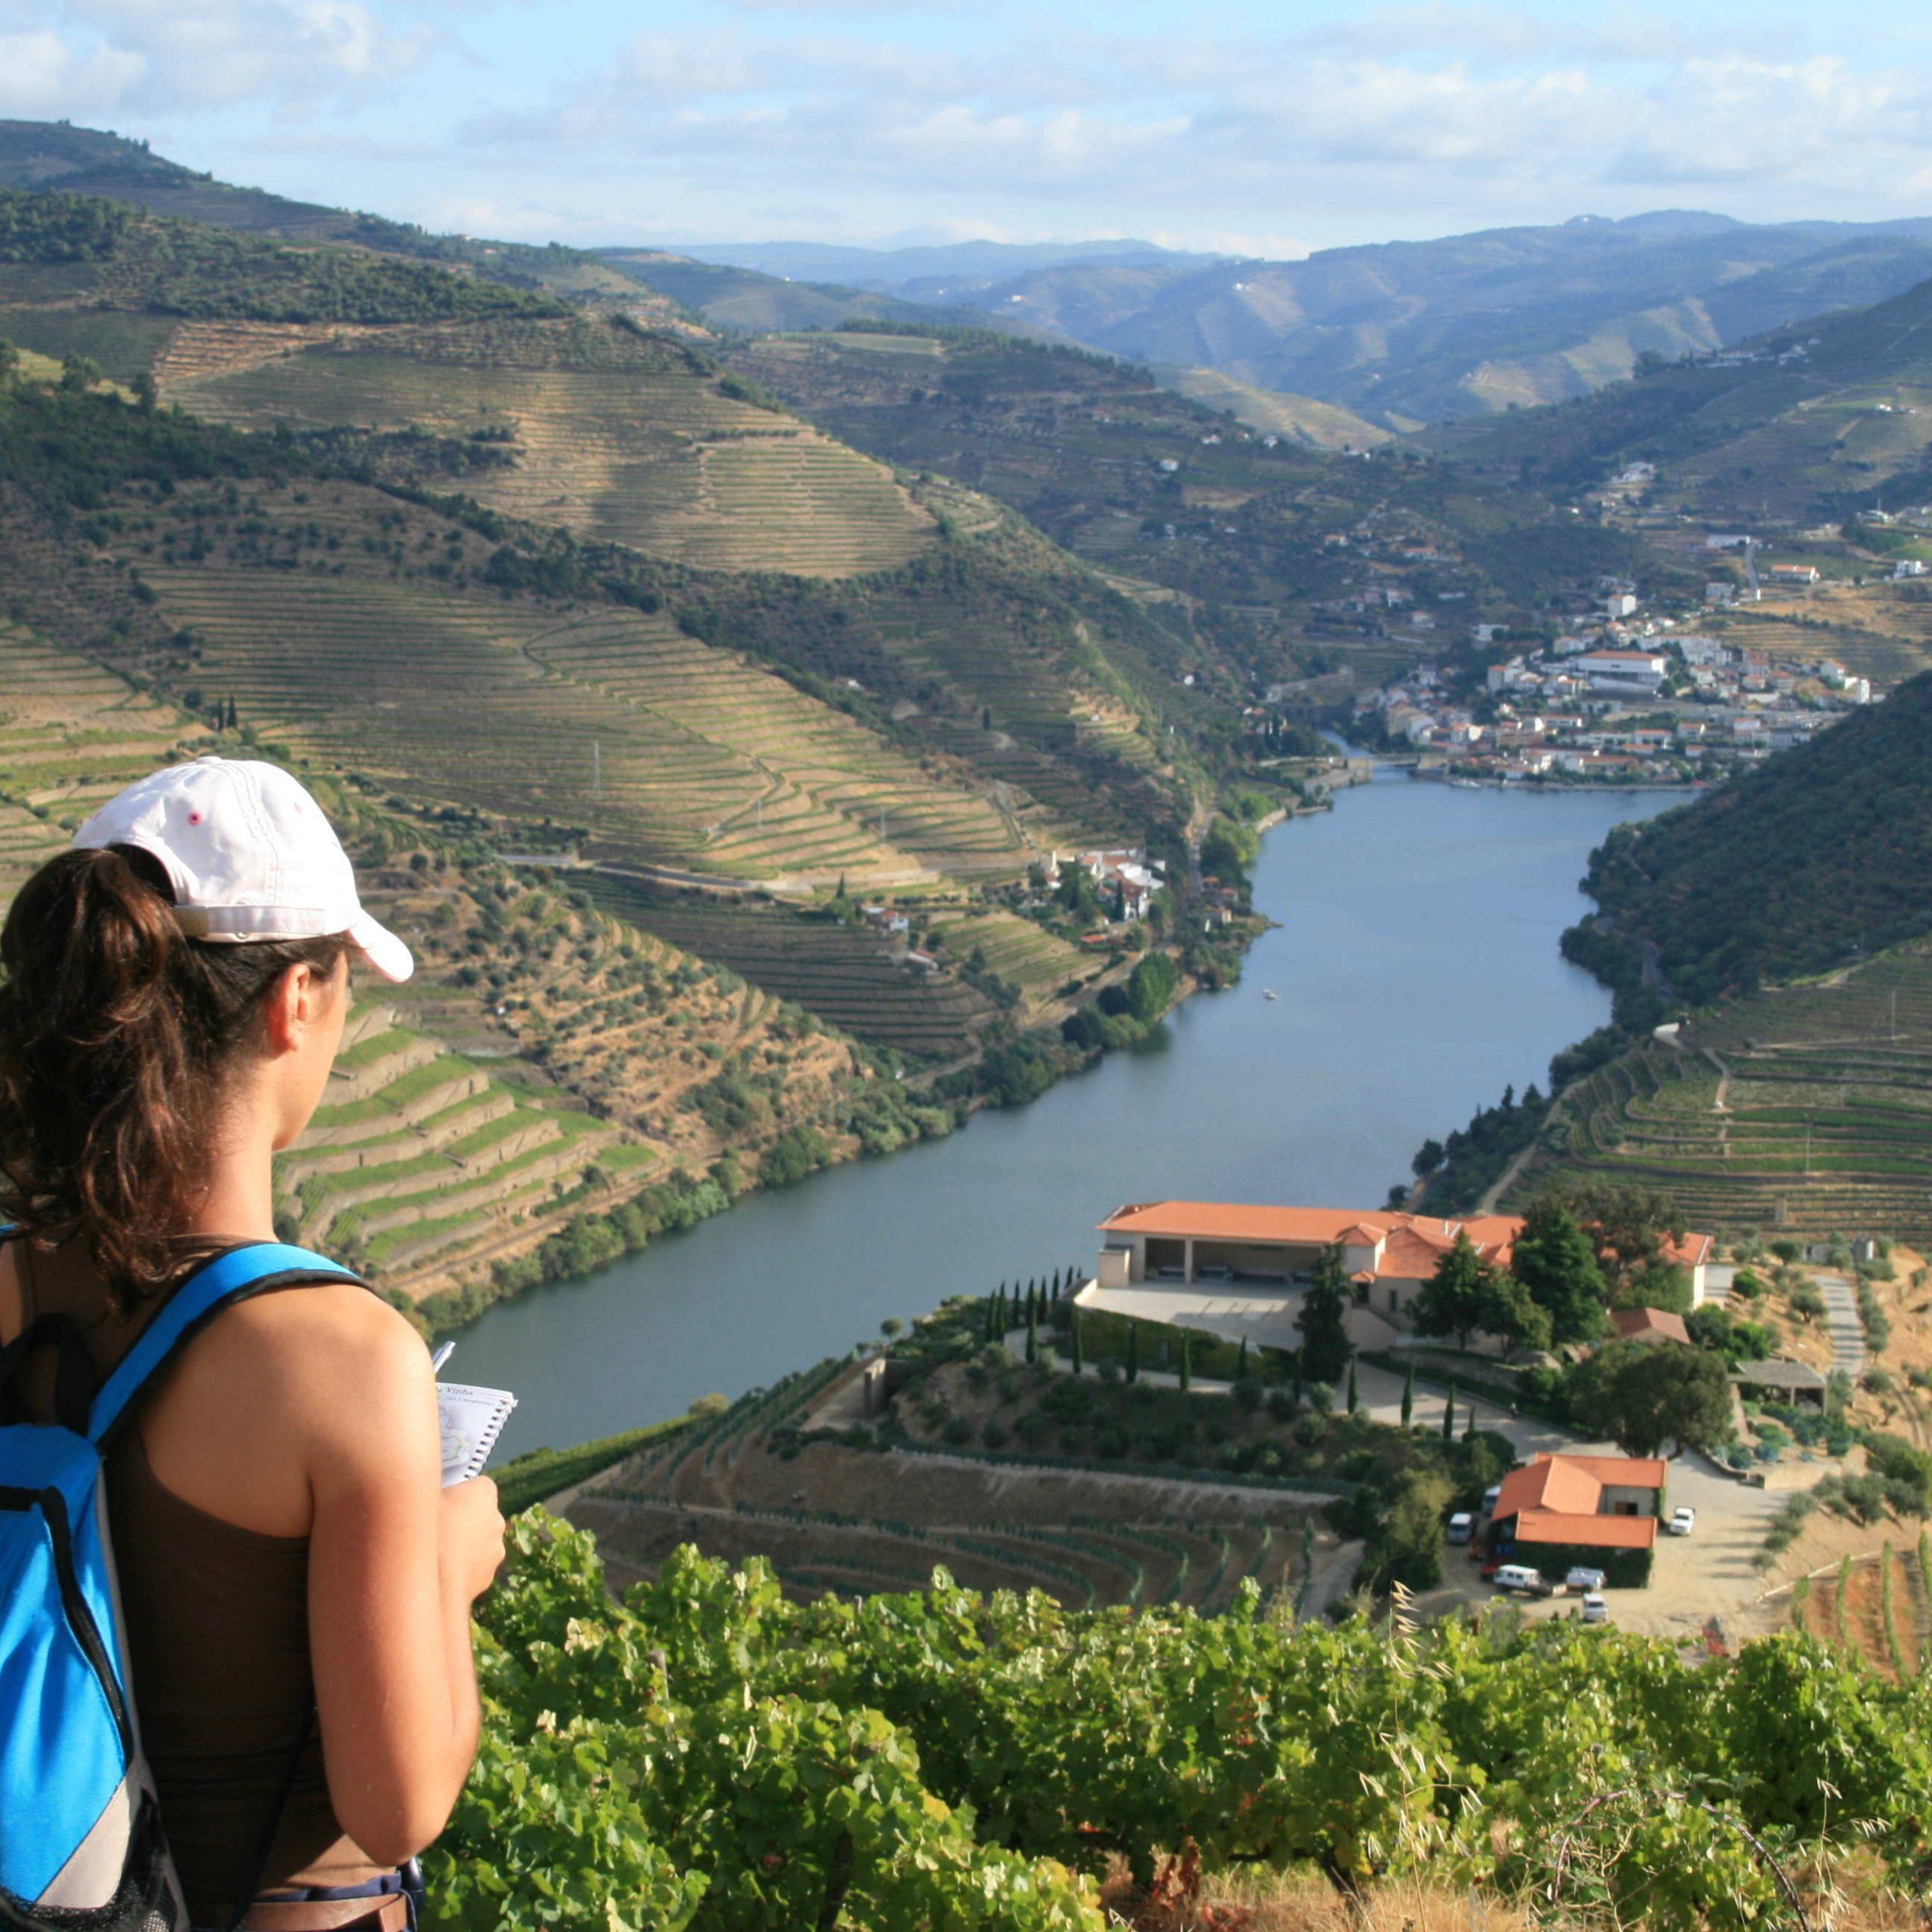 Exploring the Douro Valley